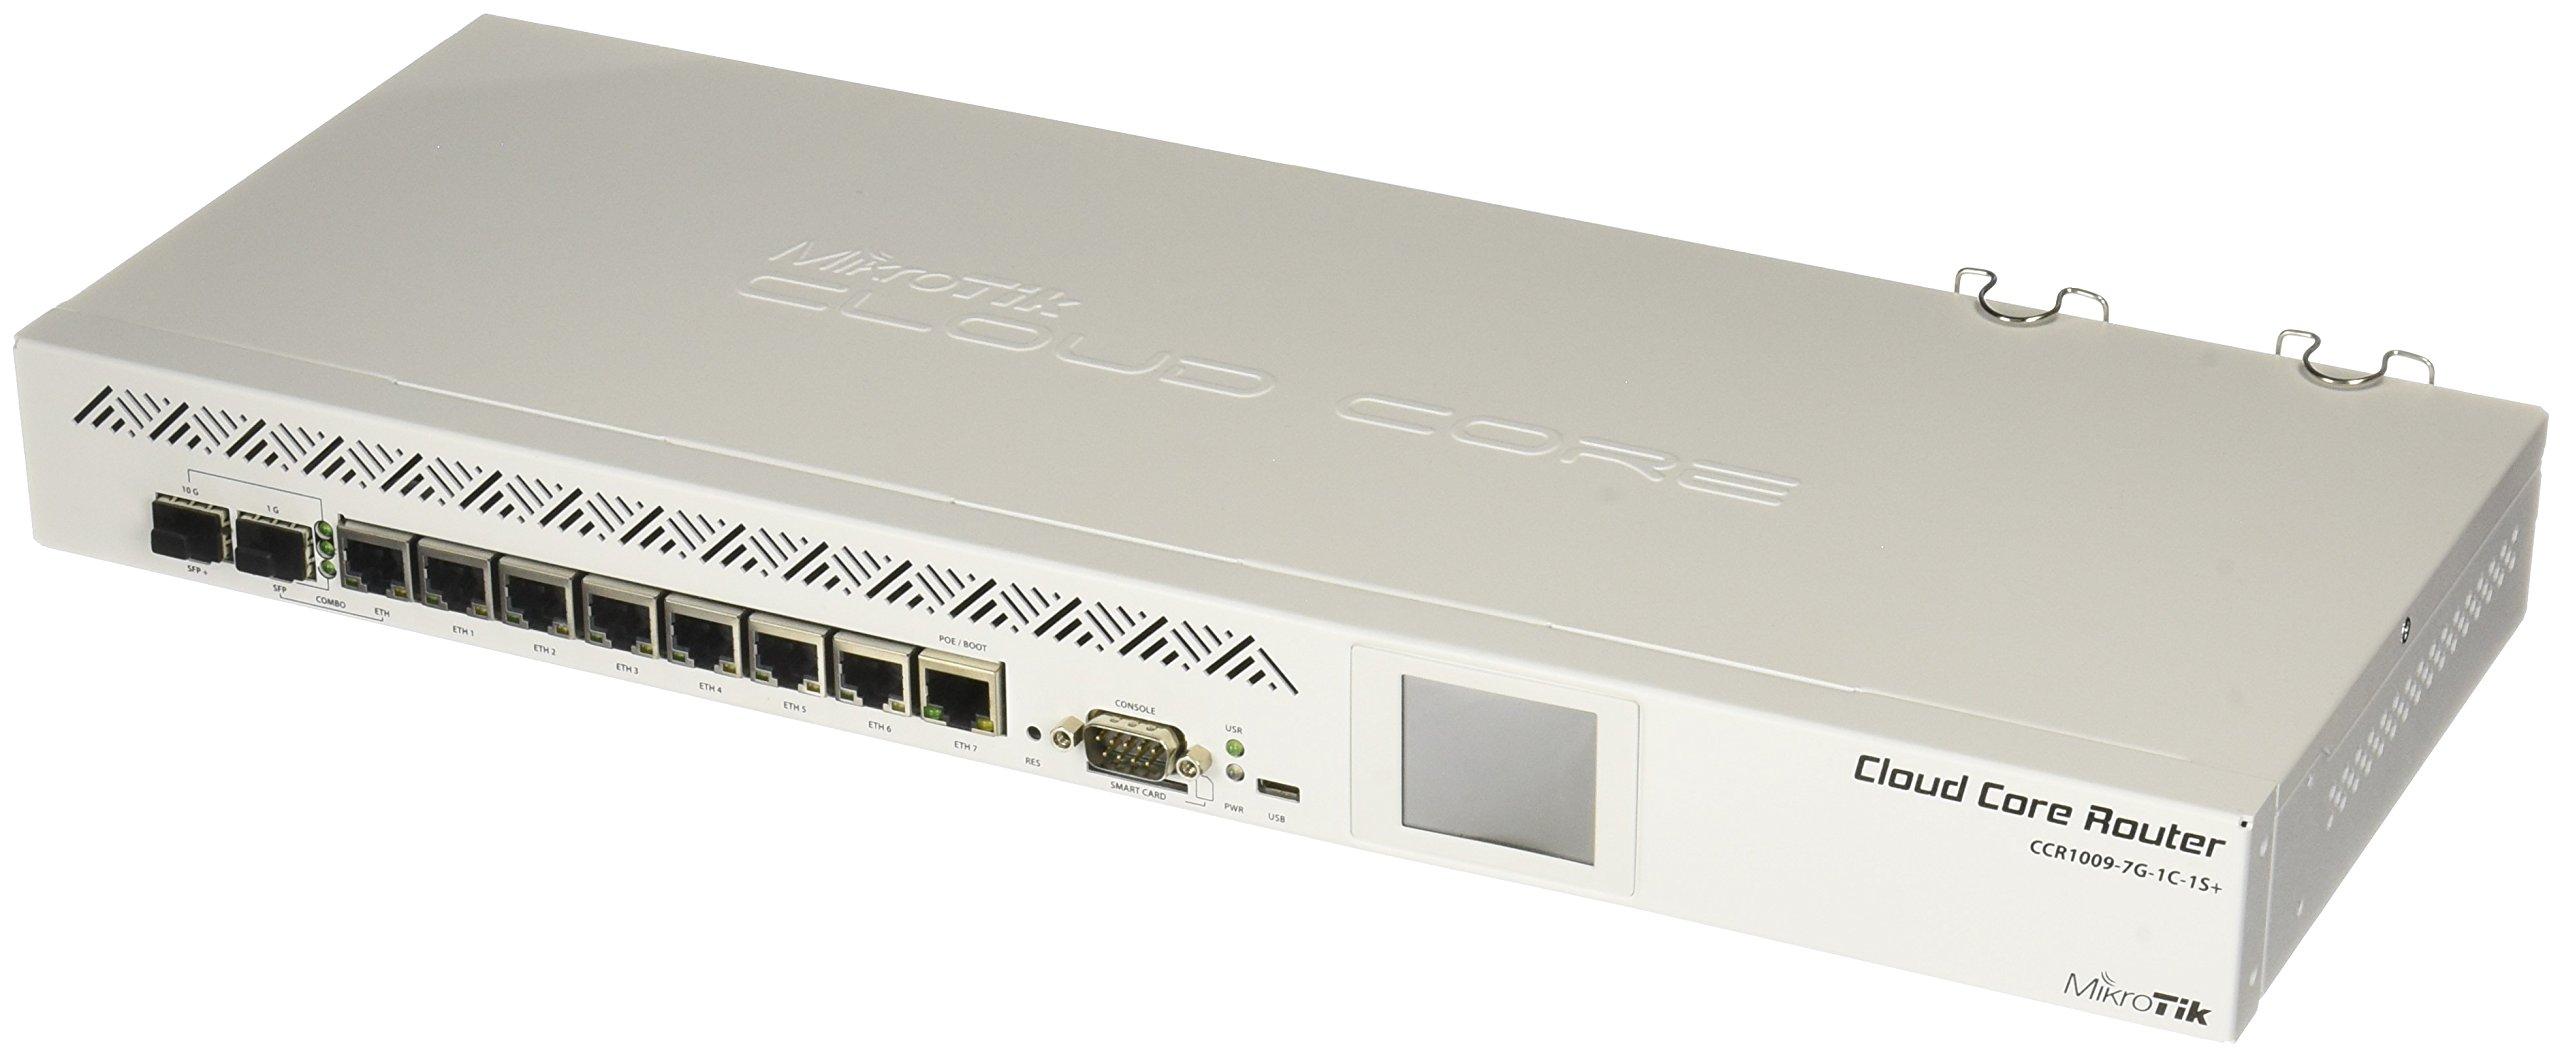 mikrotik-cloud-core-router-ccr1009-7g-1c-1s